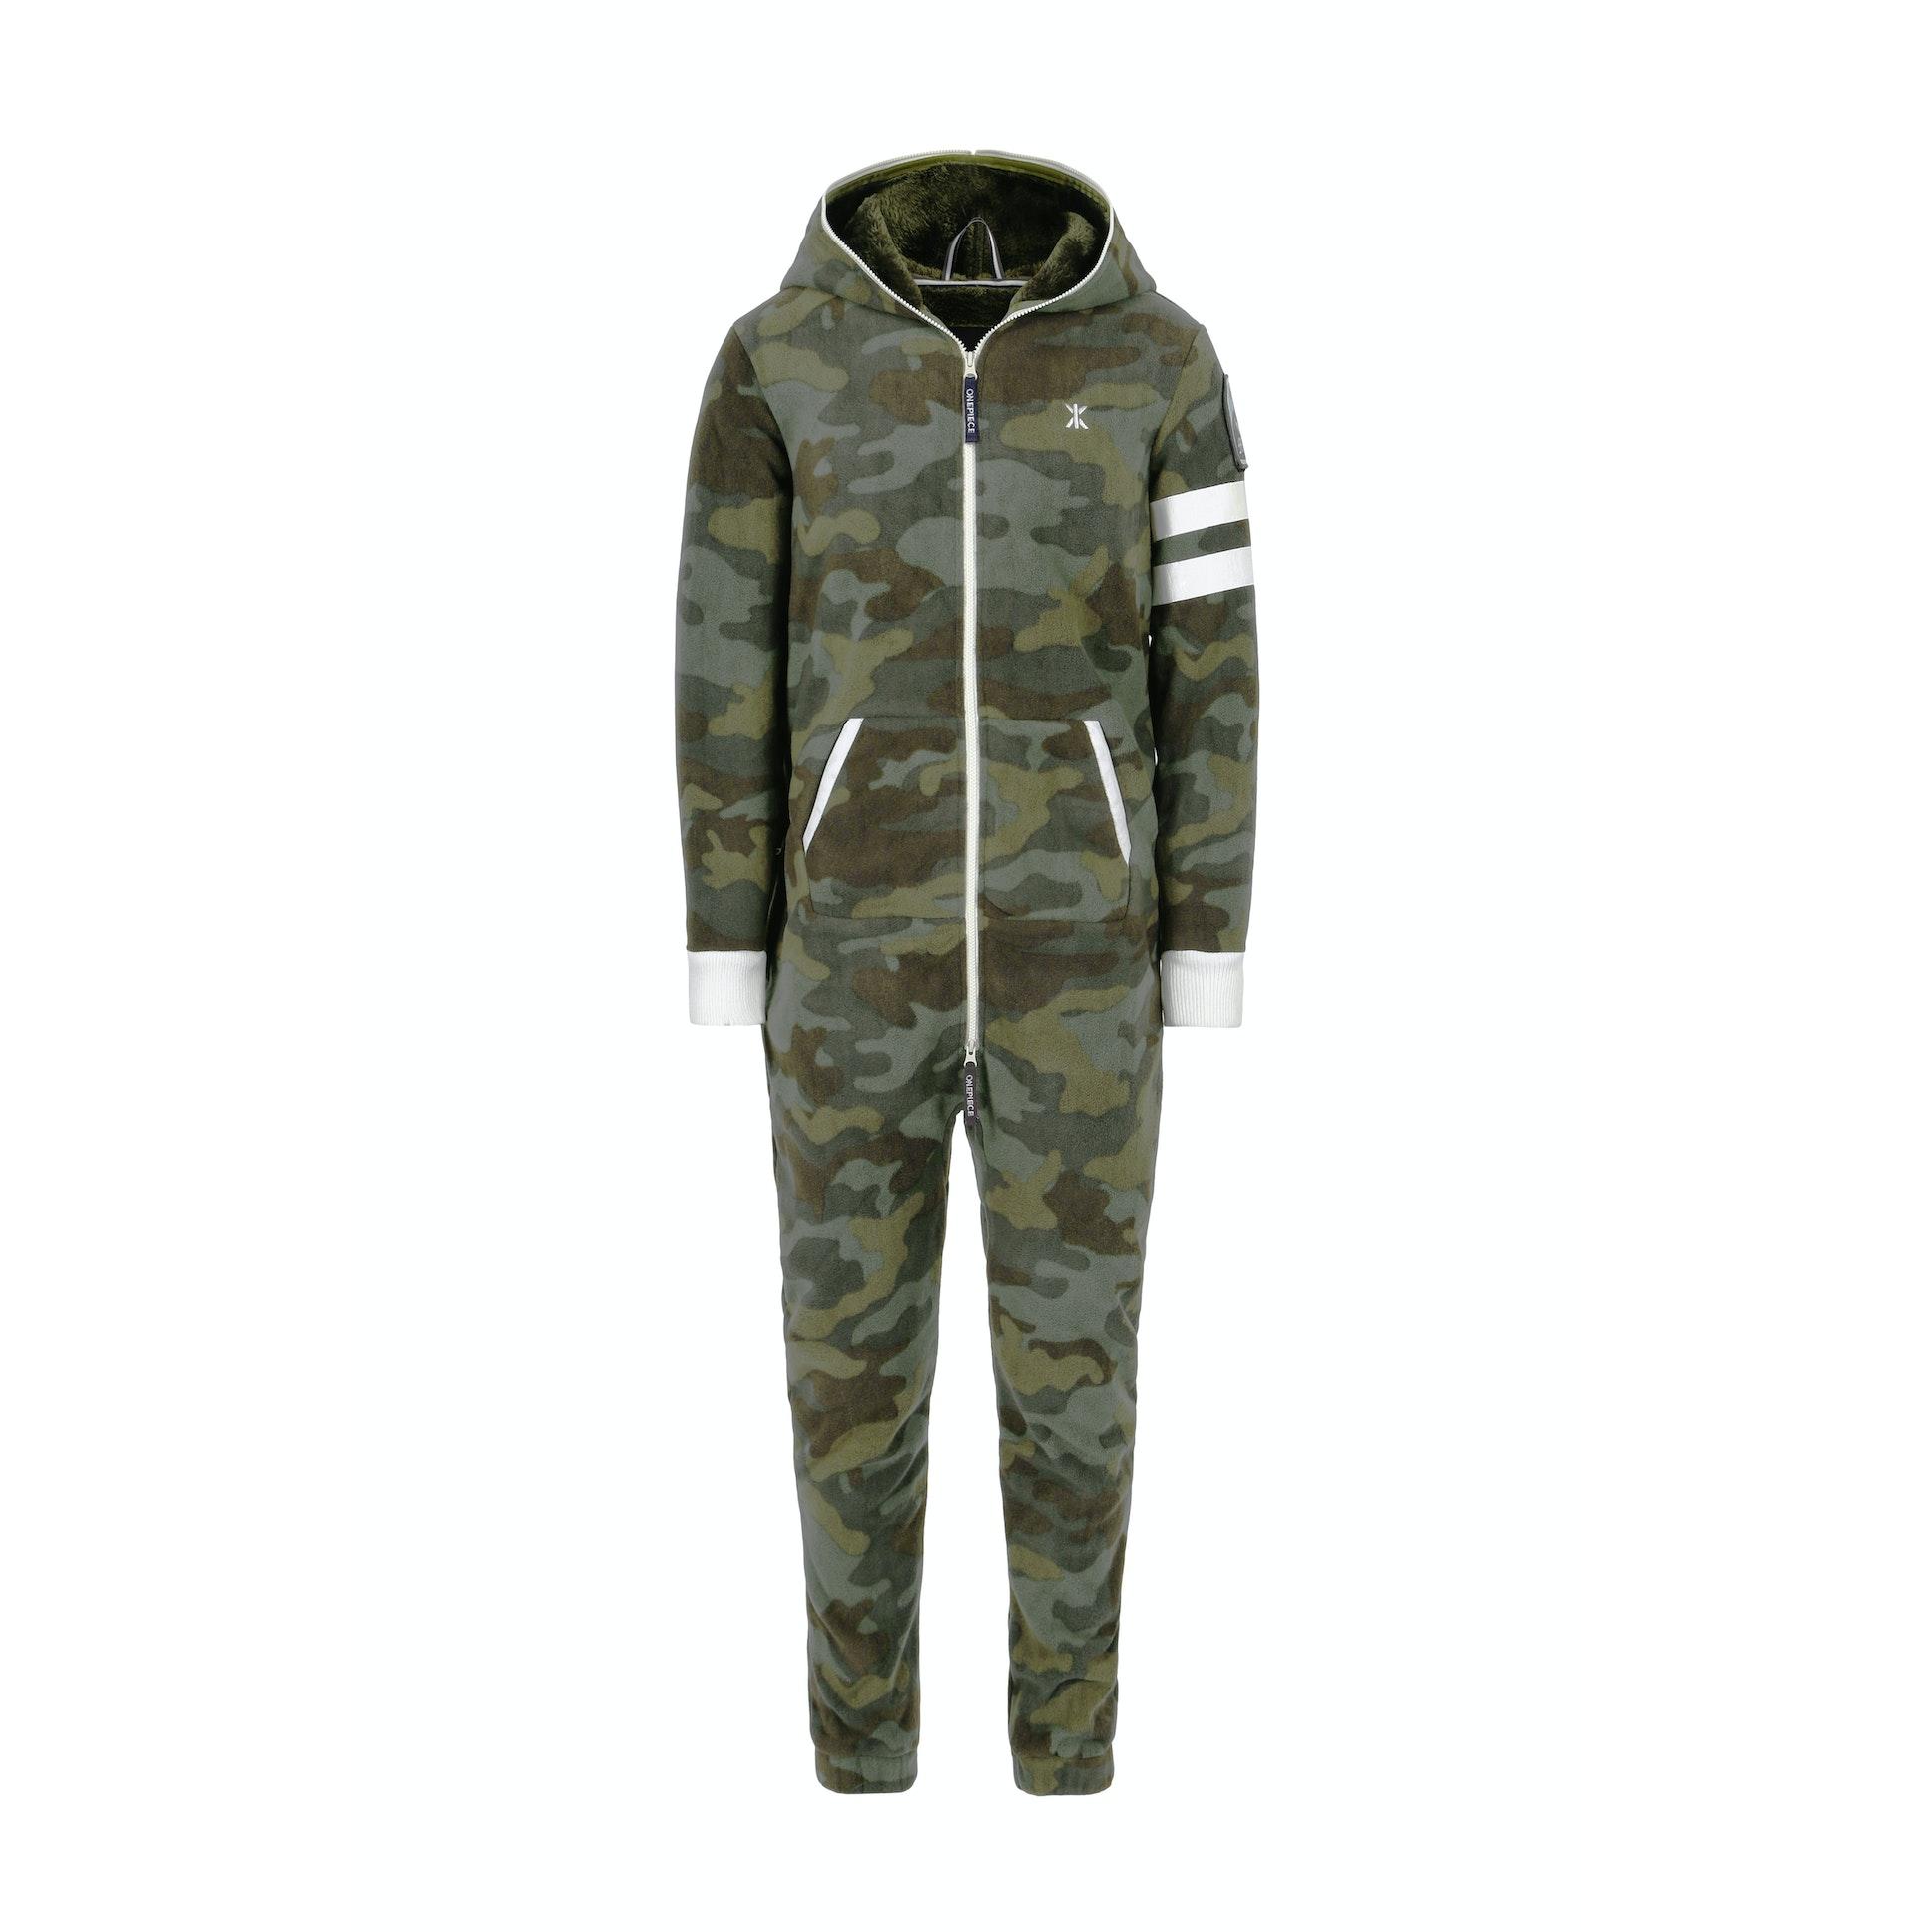 alps camo fleece jumpsuit army